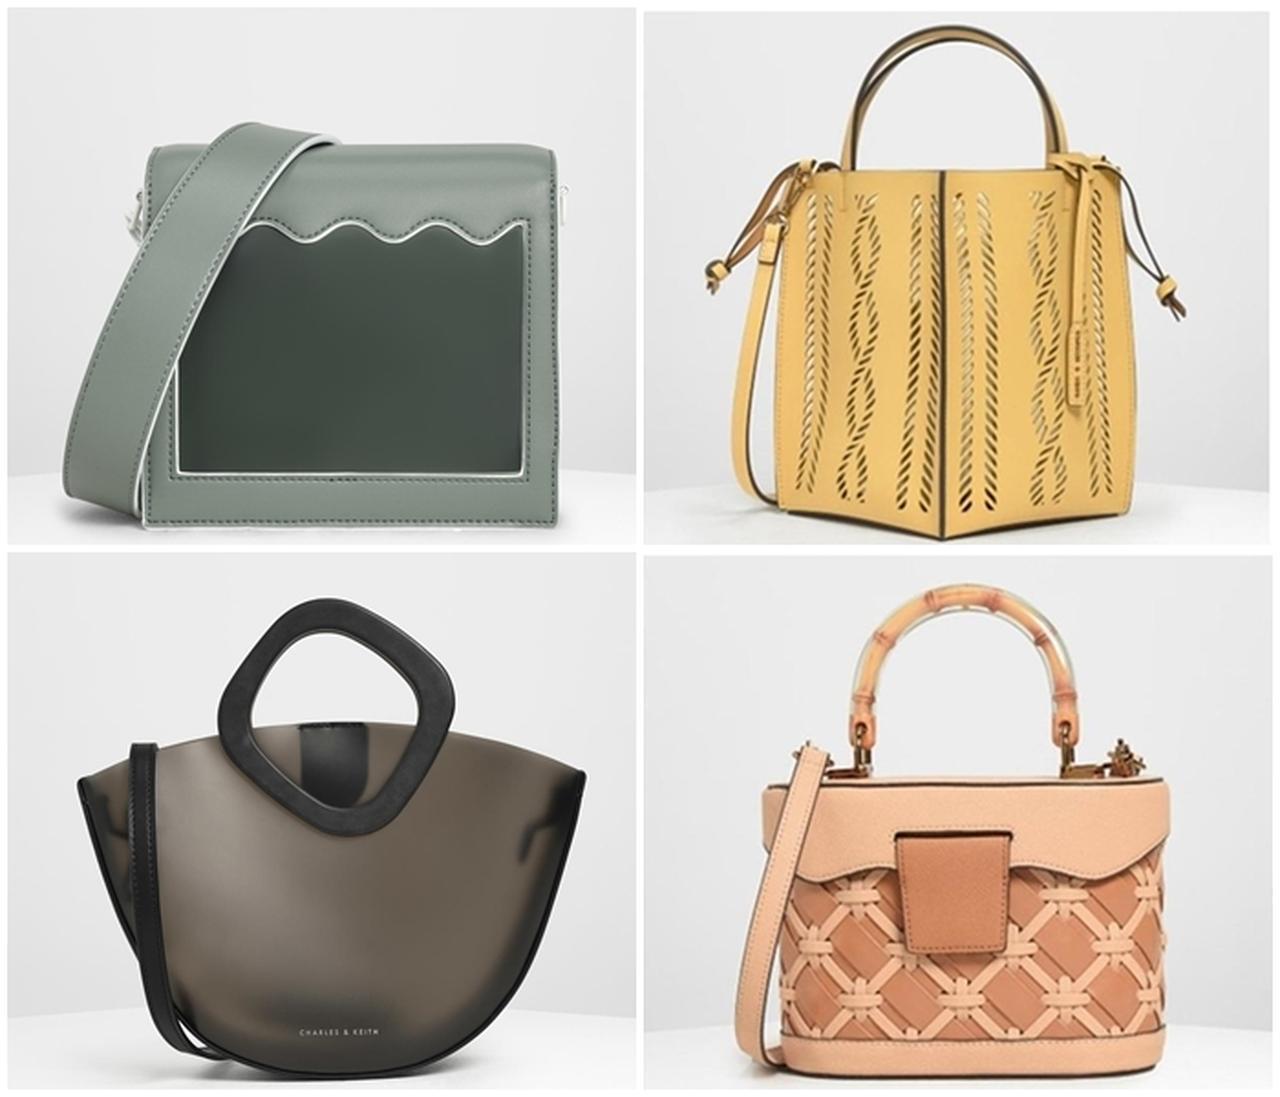 画像: (写真左上から時計まわり)ウィンドウ クロスボディバッグ / Window Crossbody Bag (Moss)¥9,900/ セミシースルー バケツバッグ / Semi See-through Bucket Bag (Yellow)/ ¥8,900(税抜) / ウーブン トップハンドルバッグ / Woven Top Handle Bag (Beige)¥11,900(税抜) / シースルーボウル トップハンドルバッグ / See-through Bowl Top Handle Bag (Black)¥6,500(税抜)